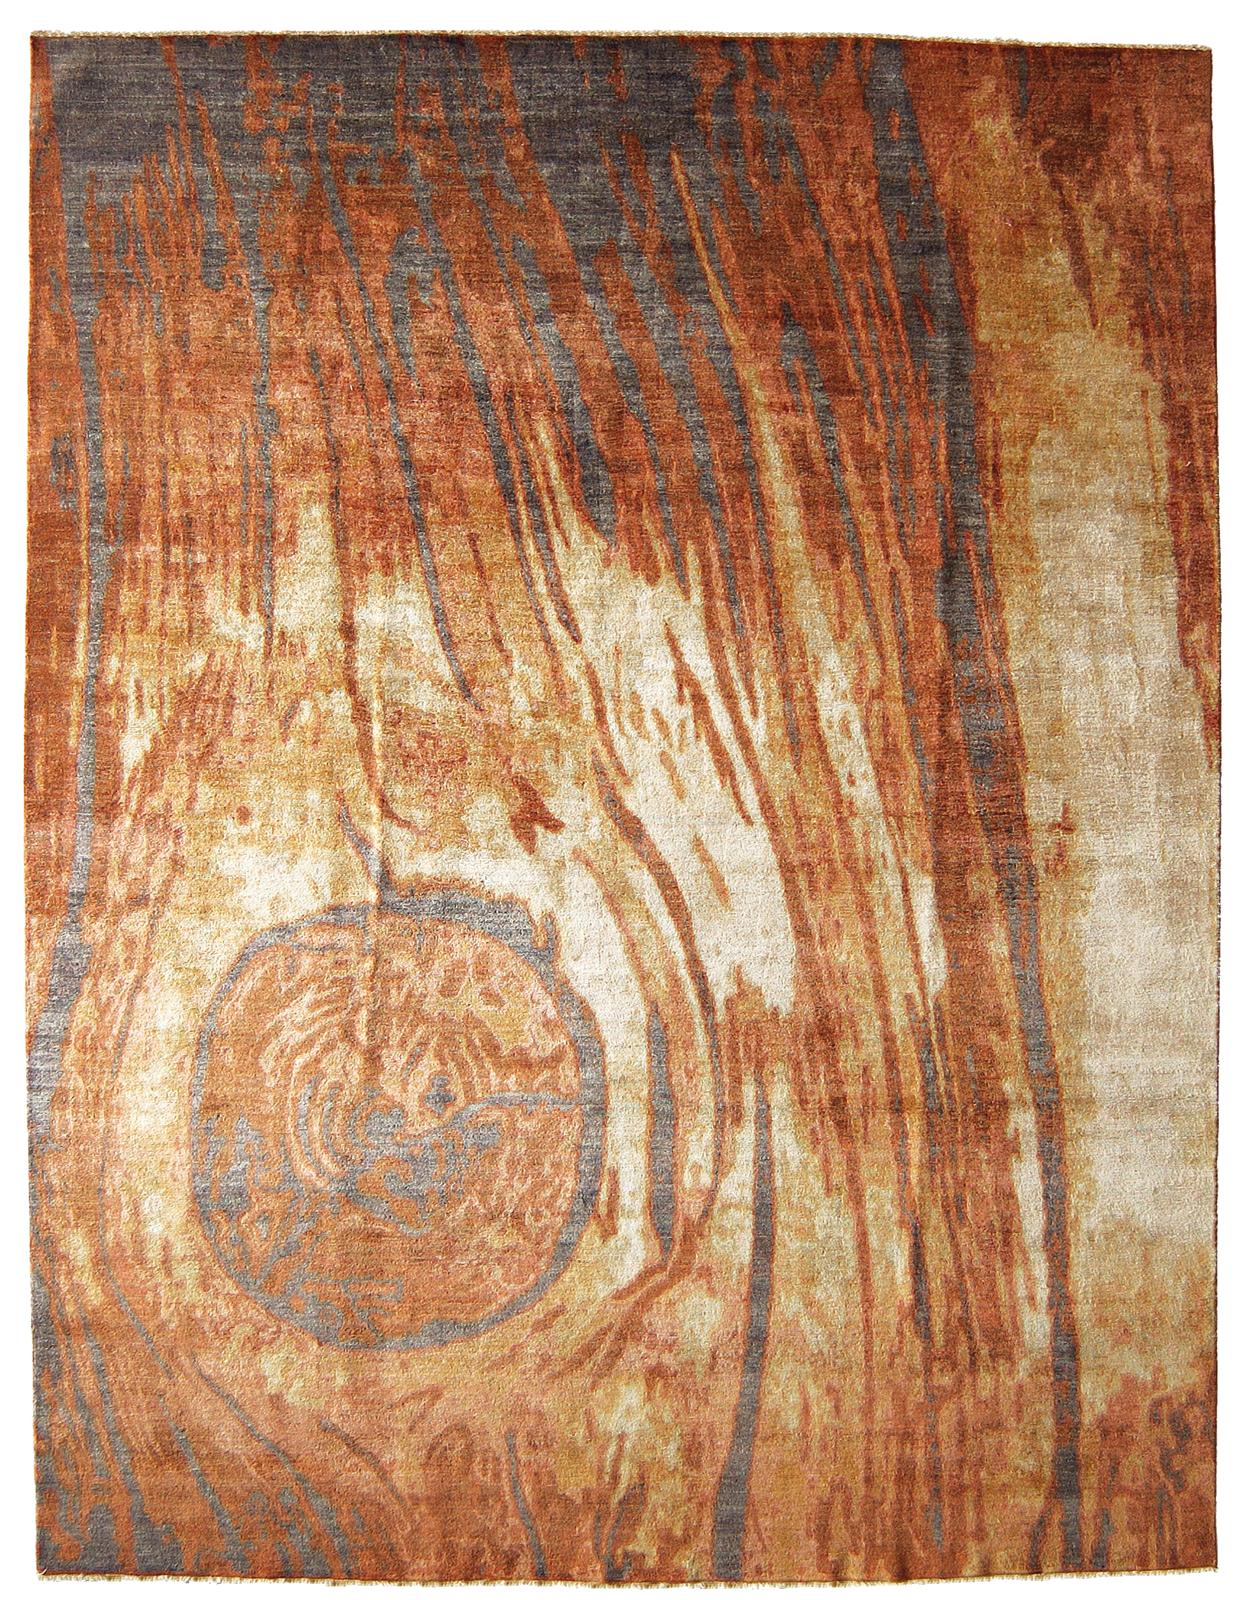 Tappeto Moderno dal Disegno a Tronco d'Albero Tagliato